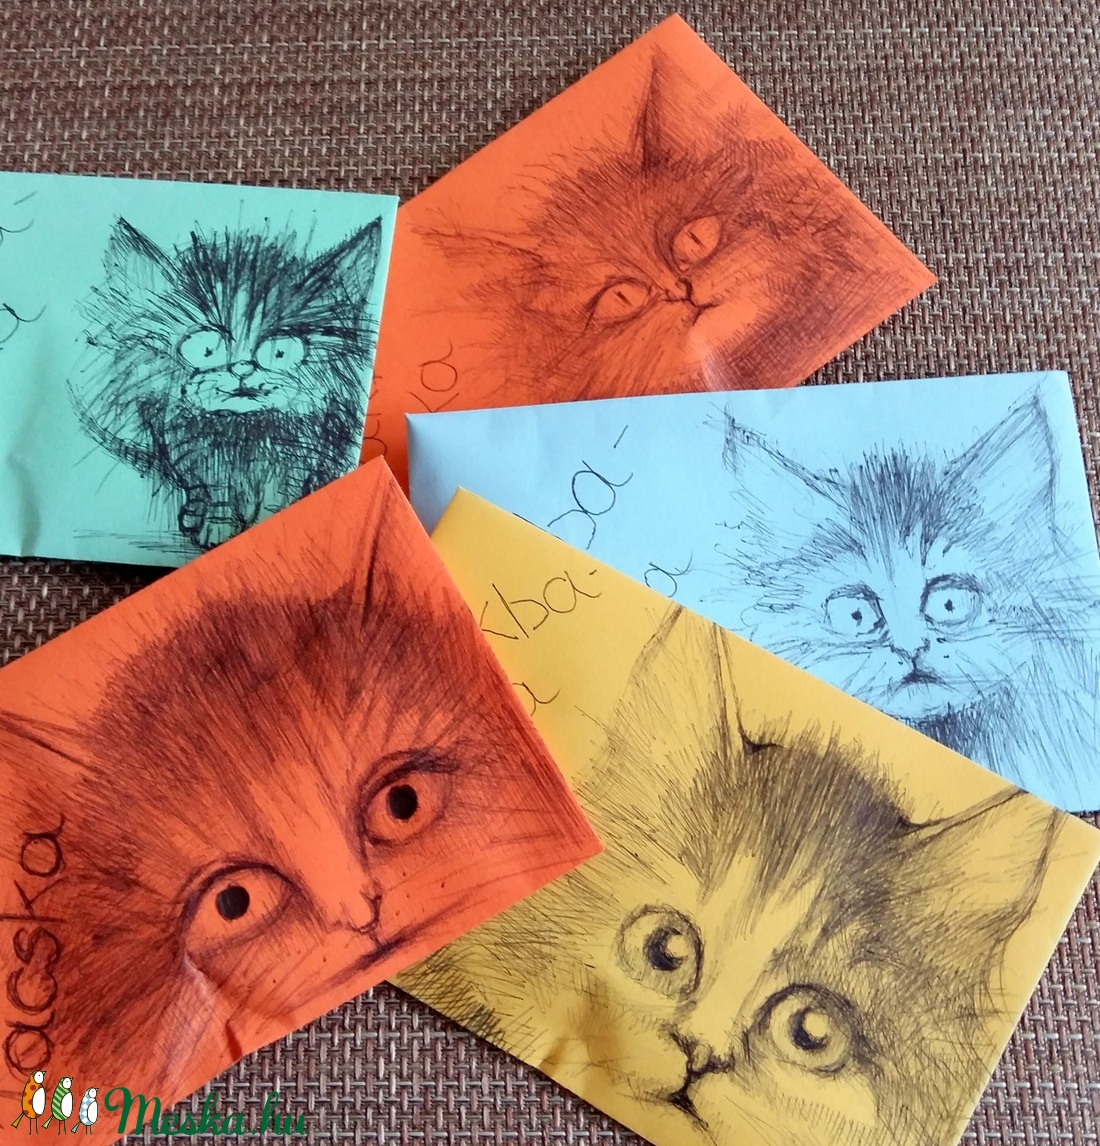 Zsákbamacsek csomag - rézdrót ajándék macskás borítékban (Nana83) - Meska.hu